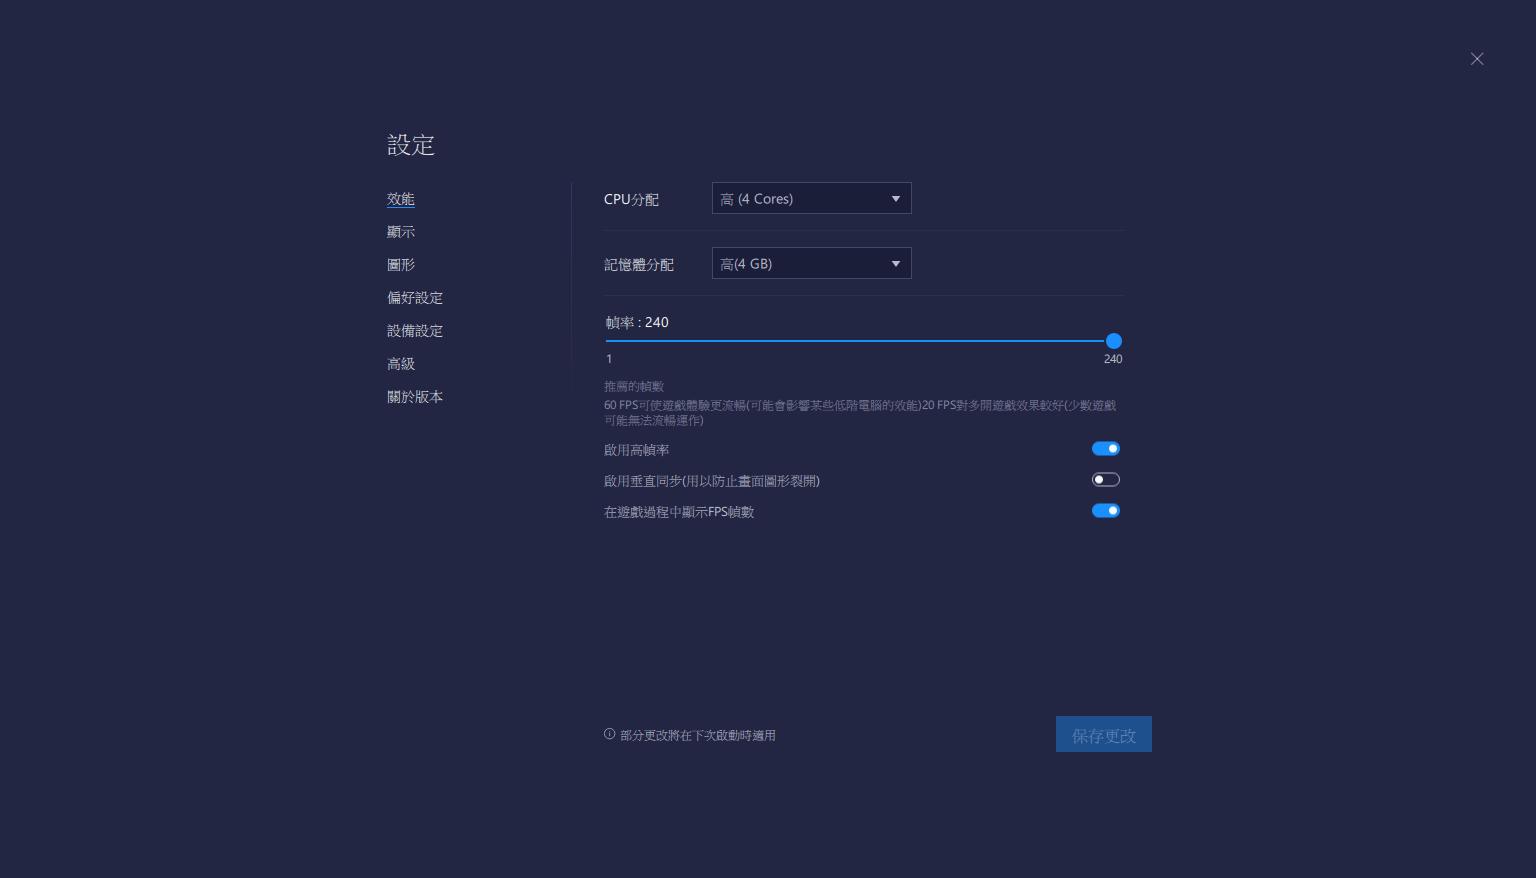 超乎尋常的遊戲體驗:BlueStacks 5節能模式 長期穩定運作模式 FPS鎖定功能